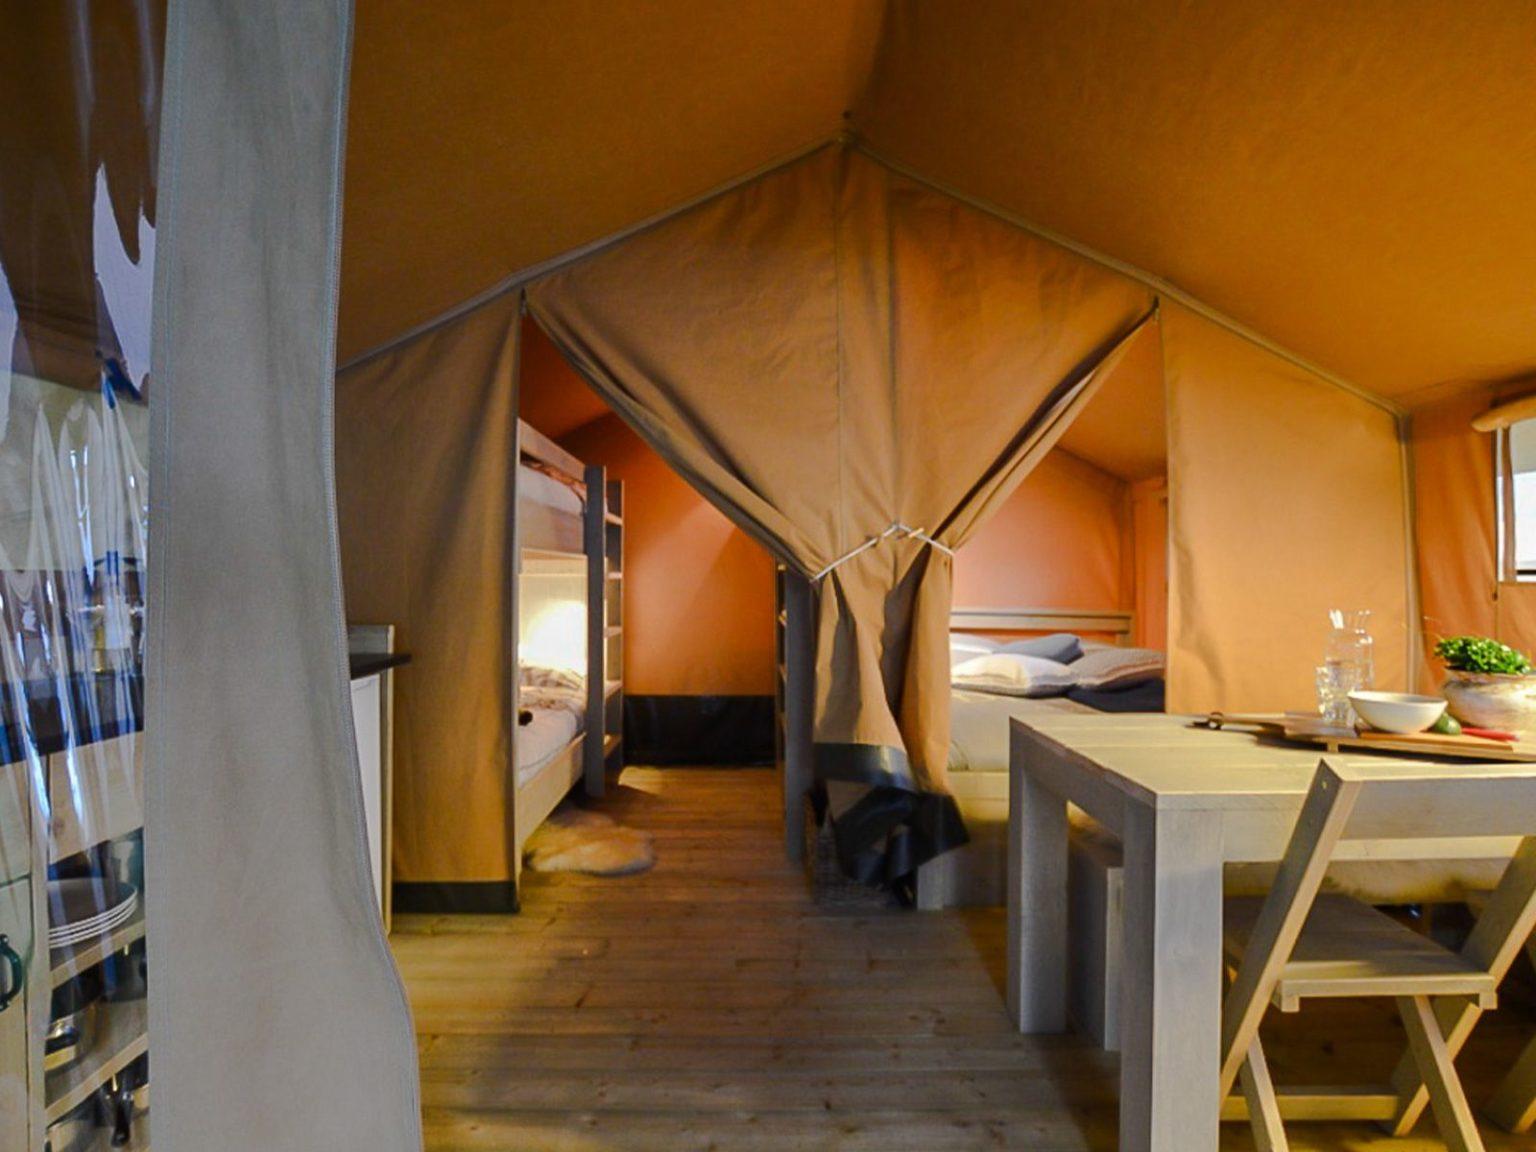 bij-groen-geluk-campingplaats-campingtent-12_result